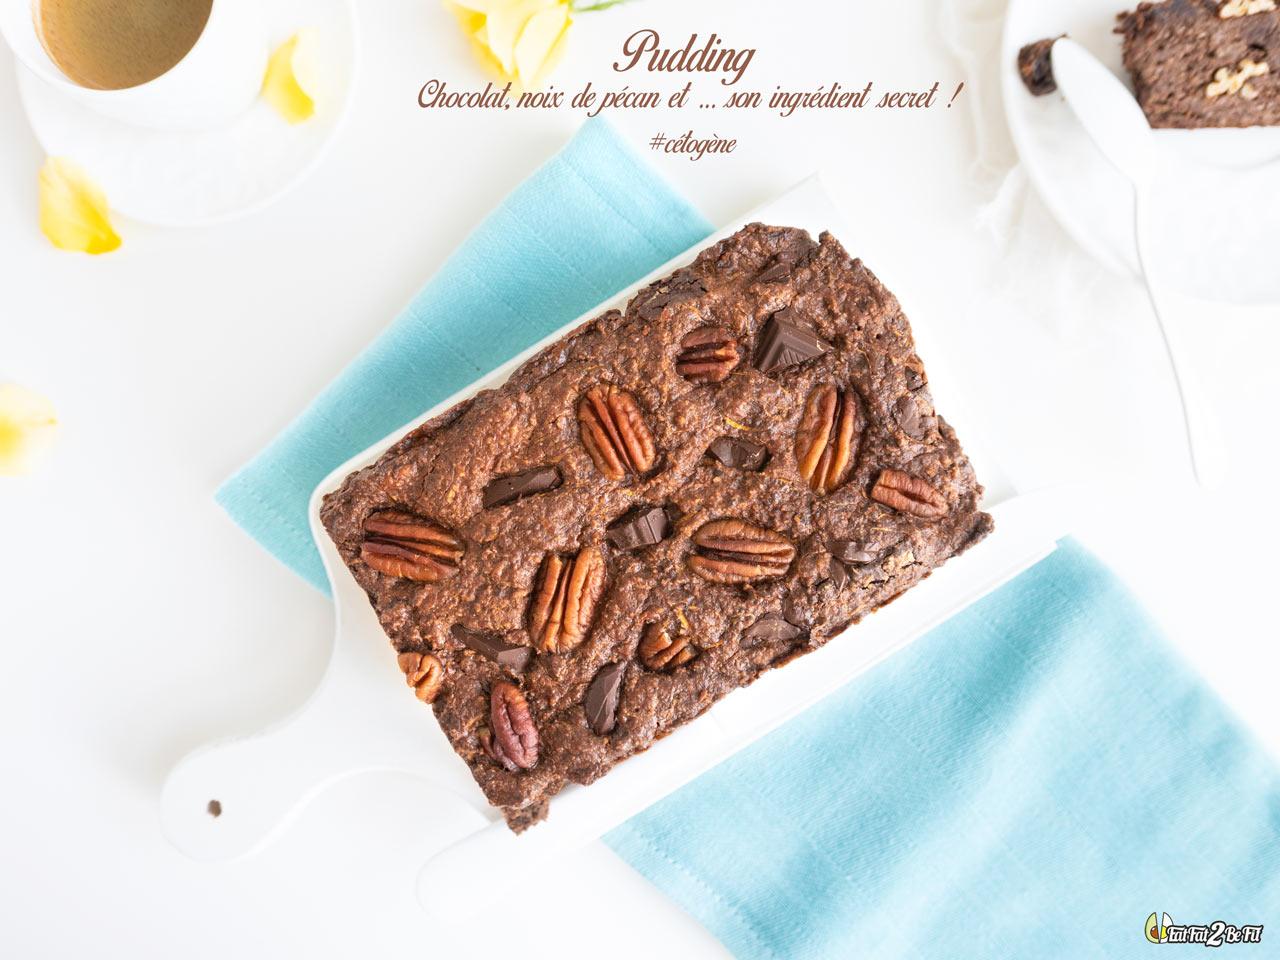 Découvrez notre recette cétogène de pudding au chocolat, noix de pécan et courgette